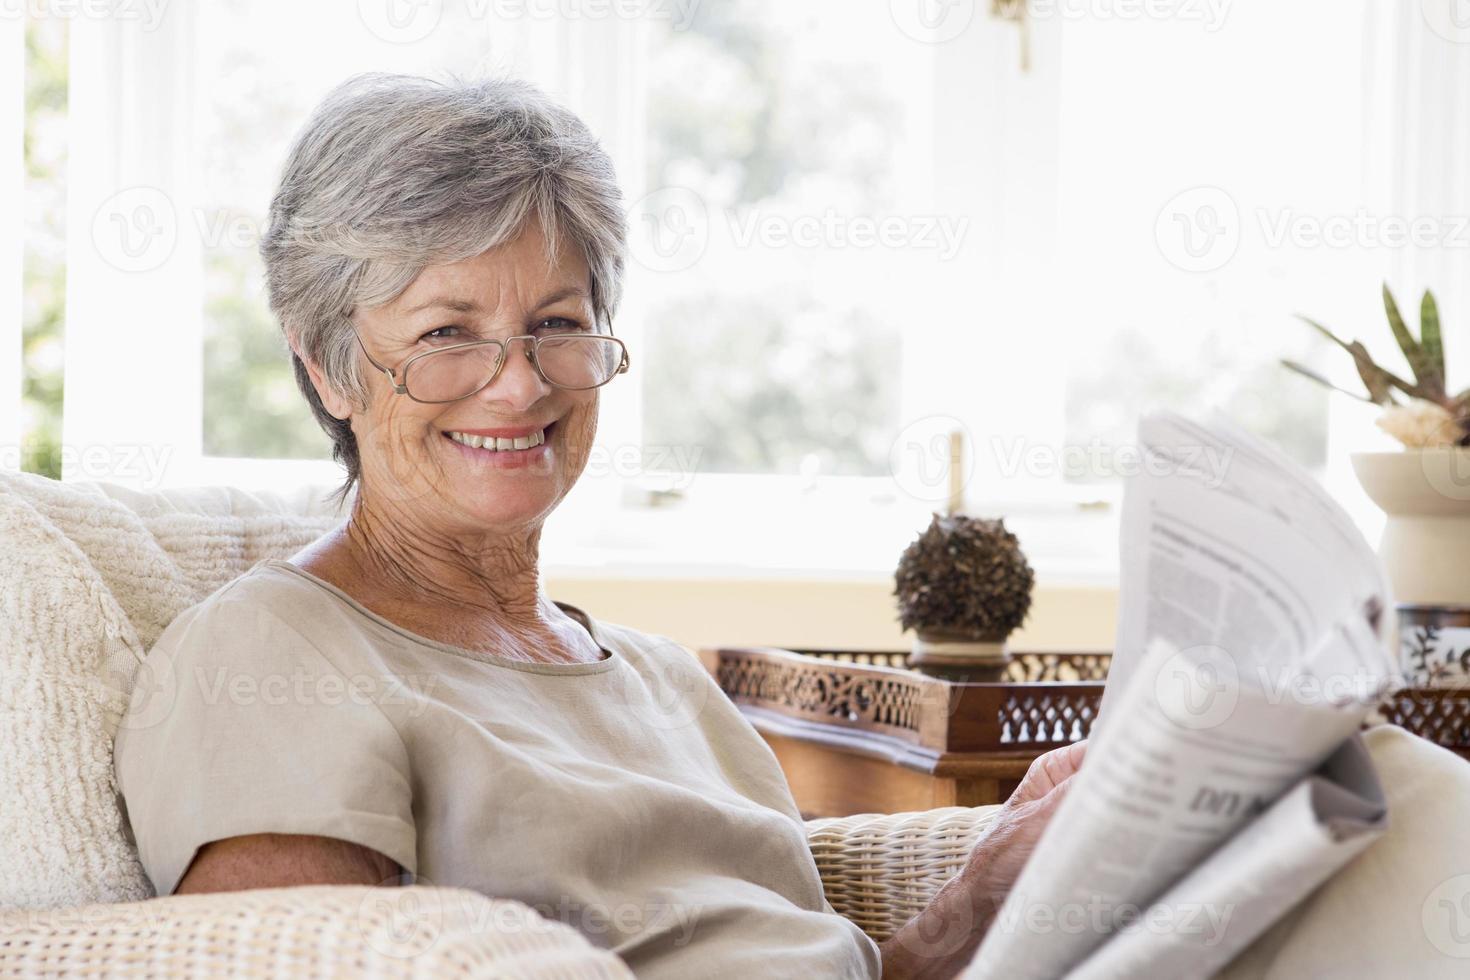 Frau im Wohnzimmer liest Zeitung lächelnd foto